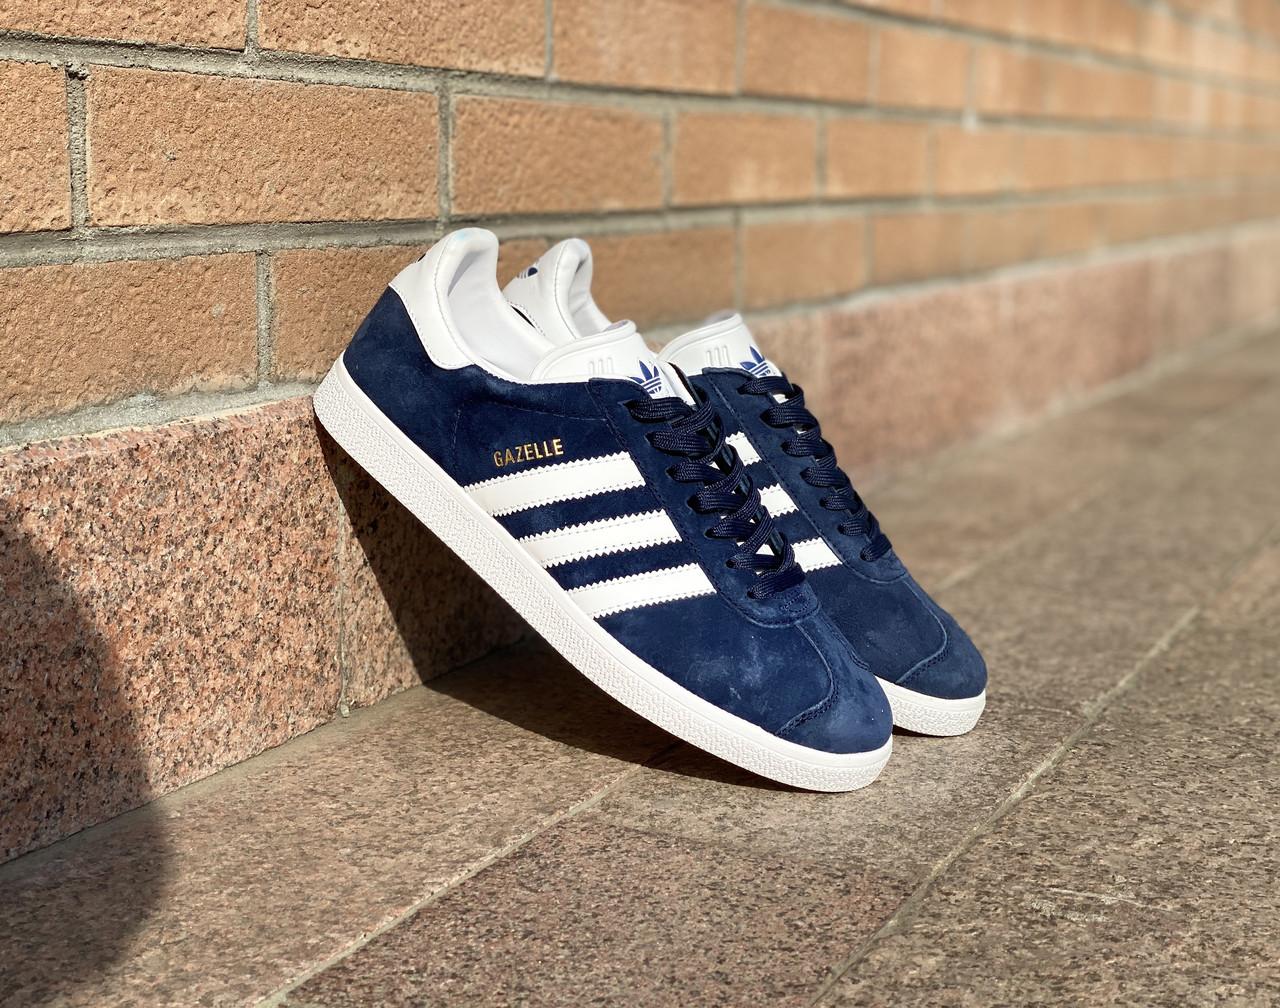 Кроссовки Adidas Gazelle(Dark Blue) - фото 1